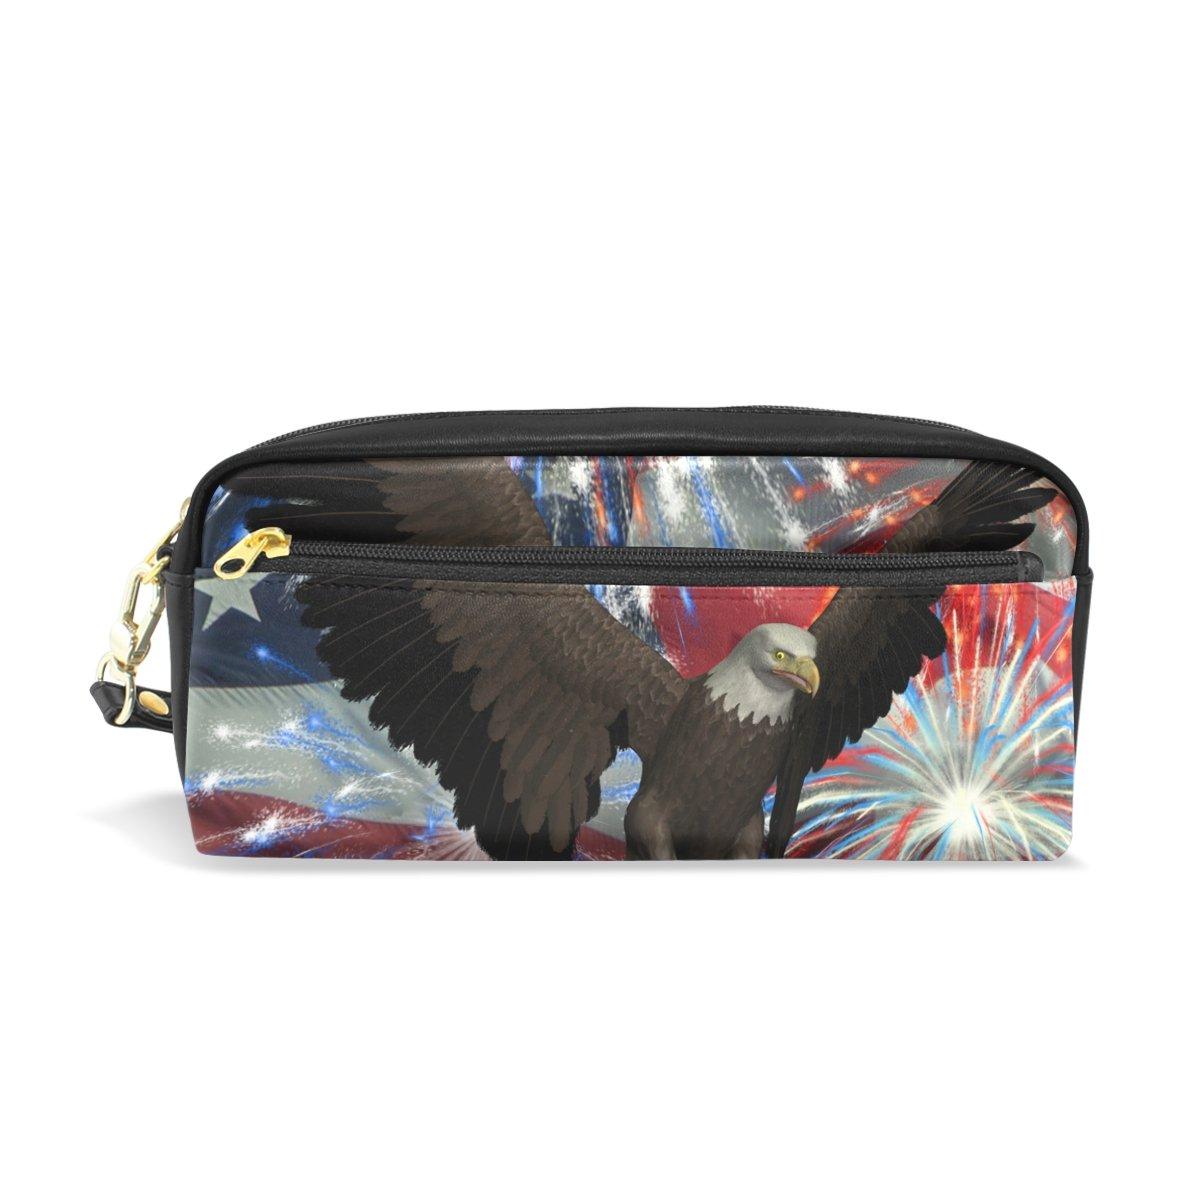 【気質アップ】 鉛筆ケースポーチストレージBald Eagle Eagle American American B07DLSN1GJ Flag花火ひな形CosmeticメイクアップWristletsバッグジッパー B07DLSN1GJ, デコレ:812f229c --- svecha37.ru